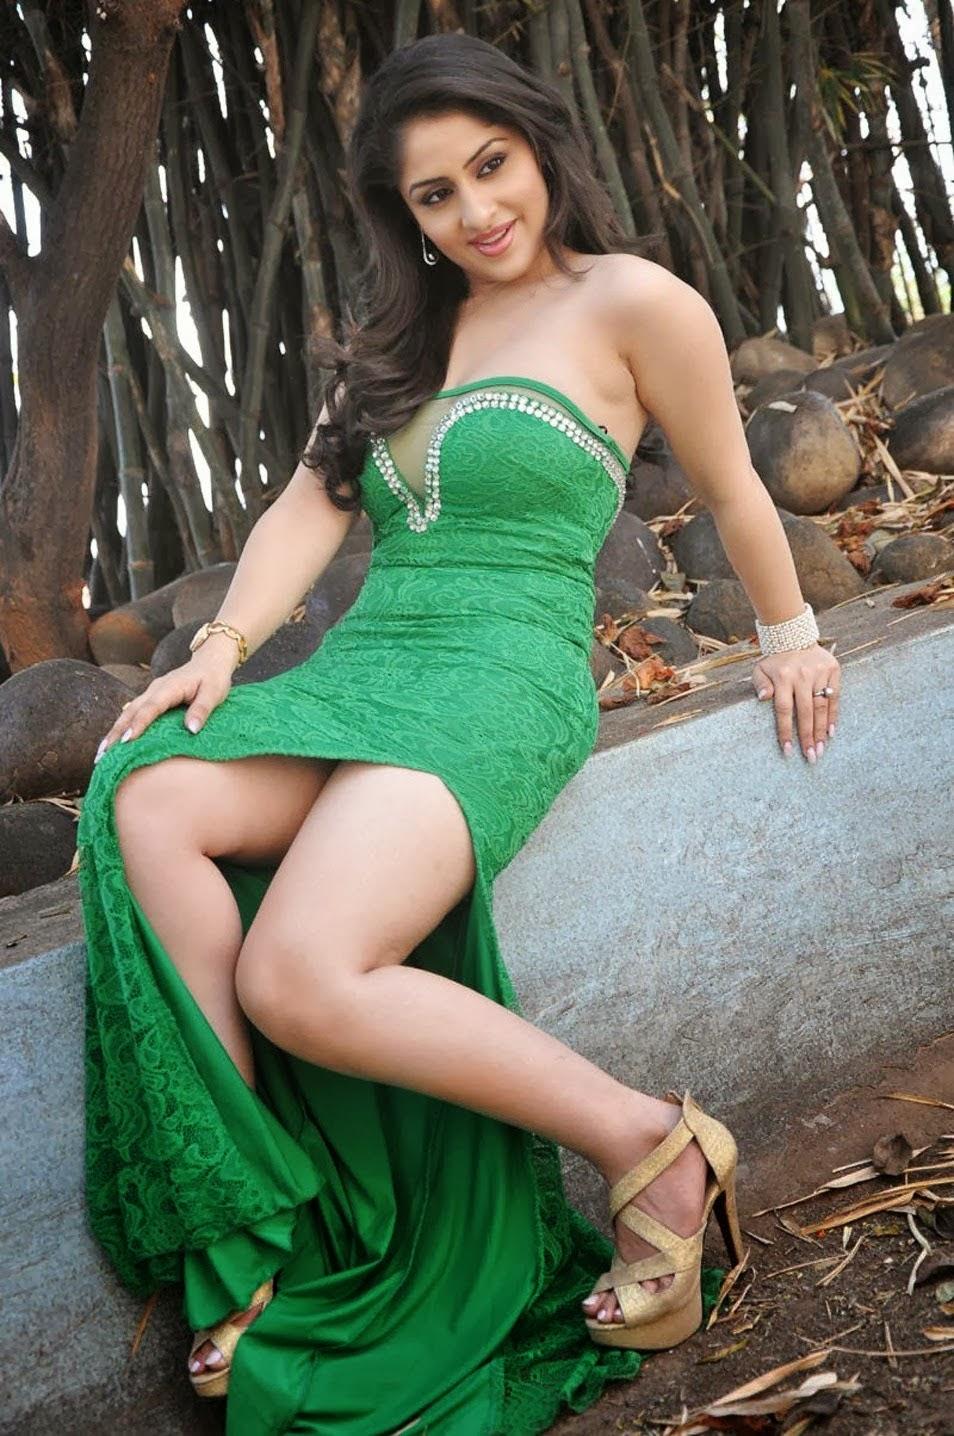 Ankita Sharma 2009 Ankita Sharma 2009 new images